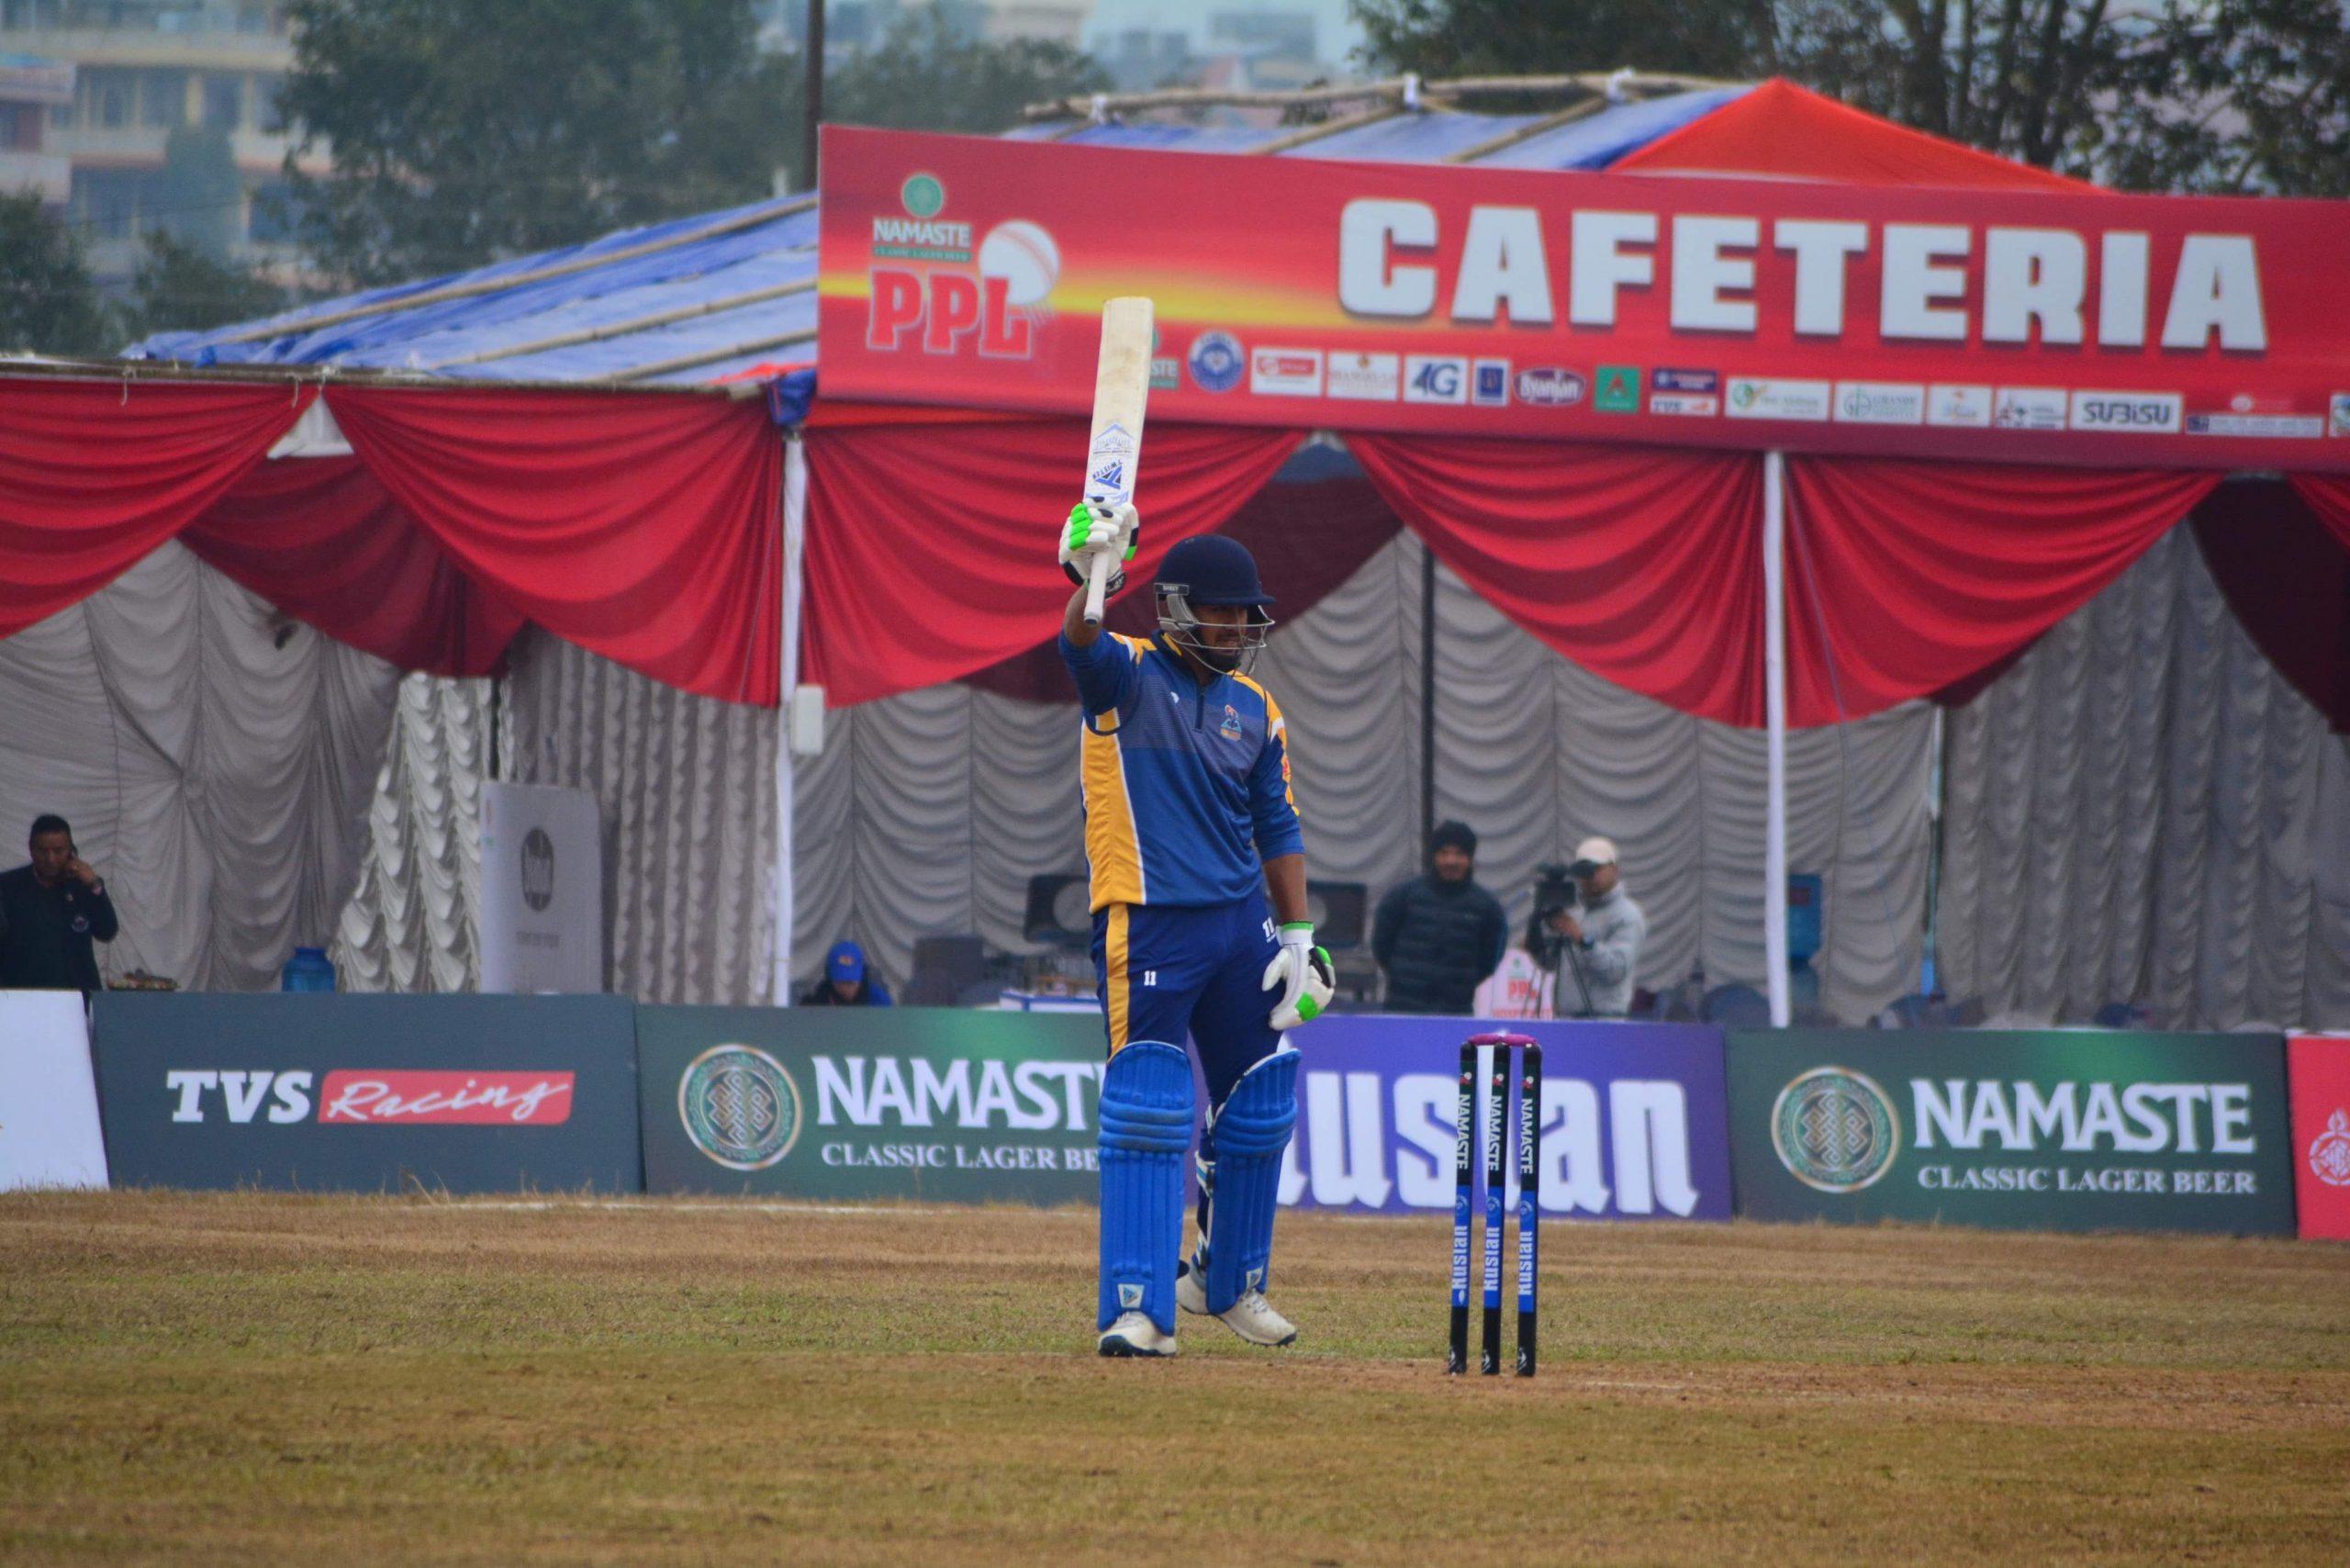 घरेलु क्रिकेटमा दुर्लभ पारी खेलेका ज्ञानेन्द्रले के भने (भिडियाे)